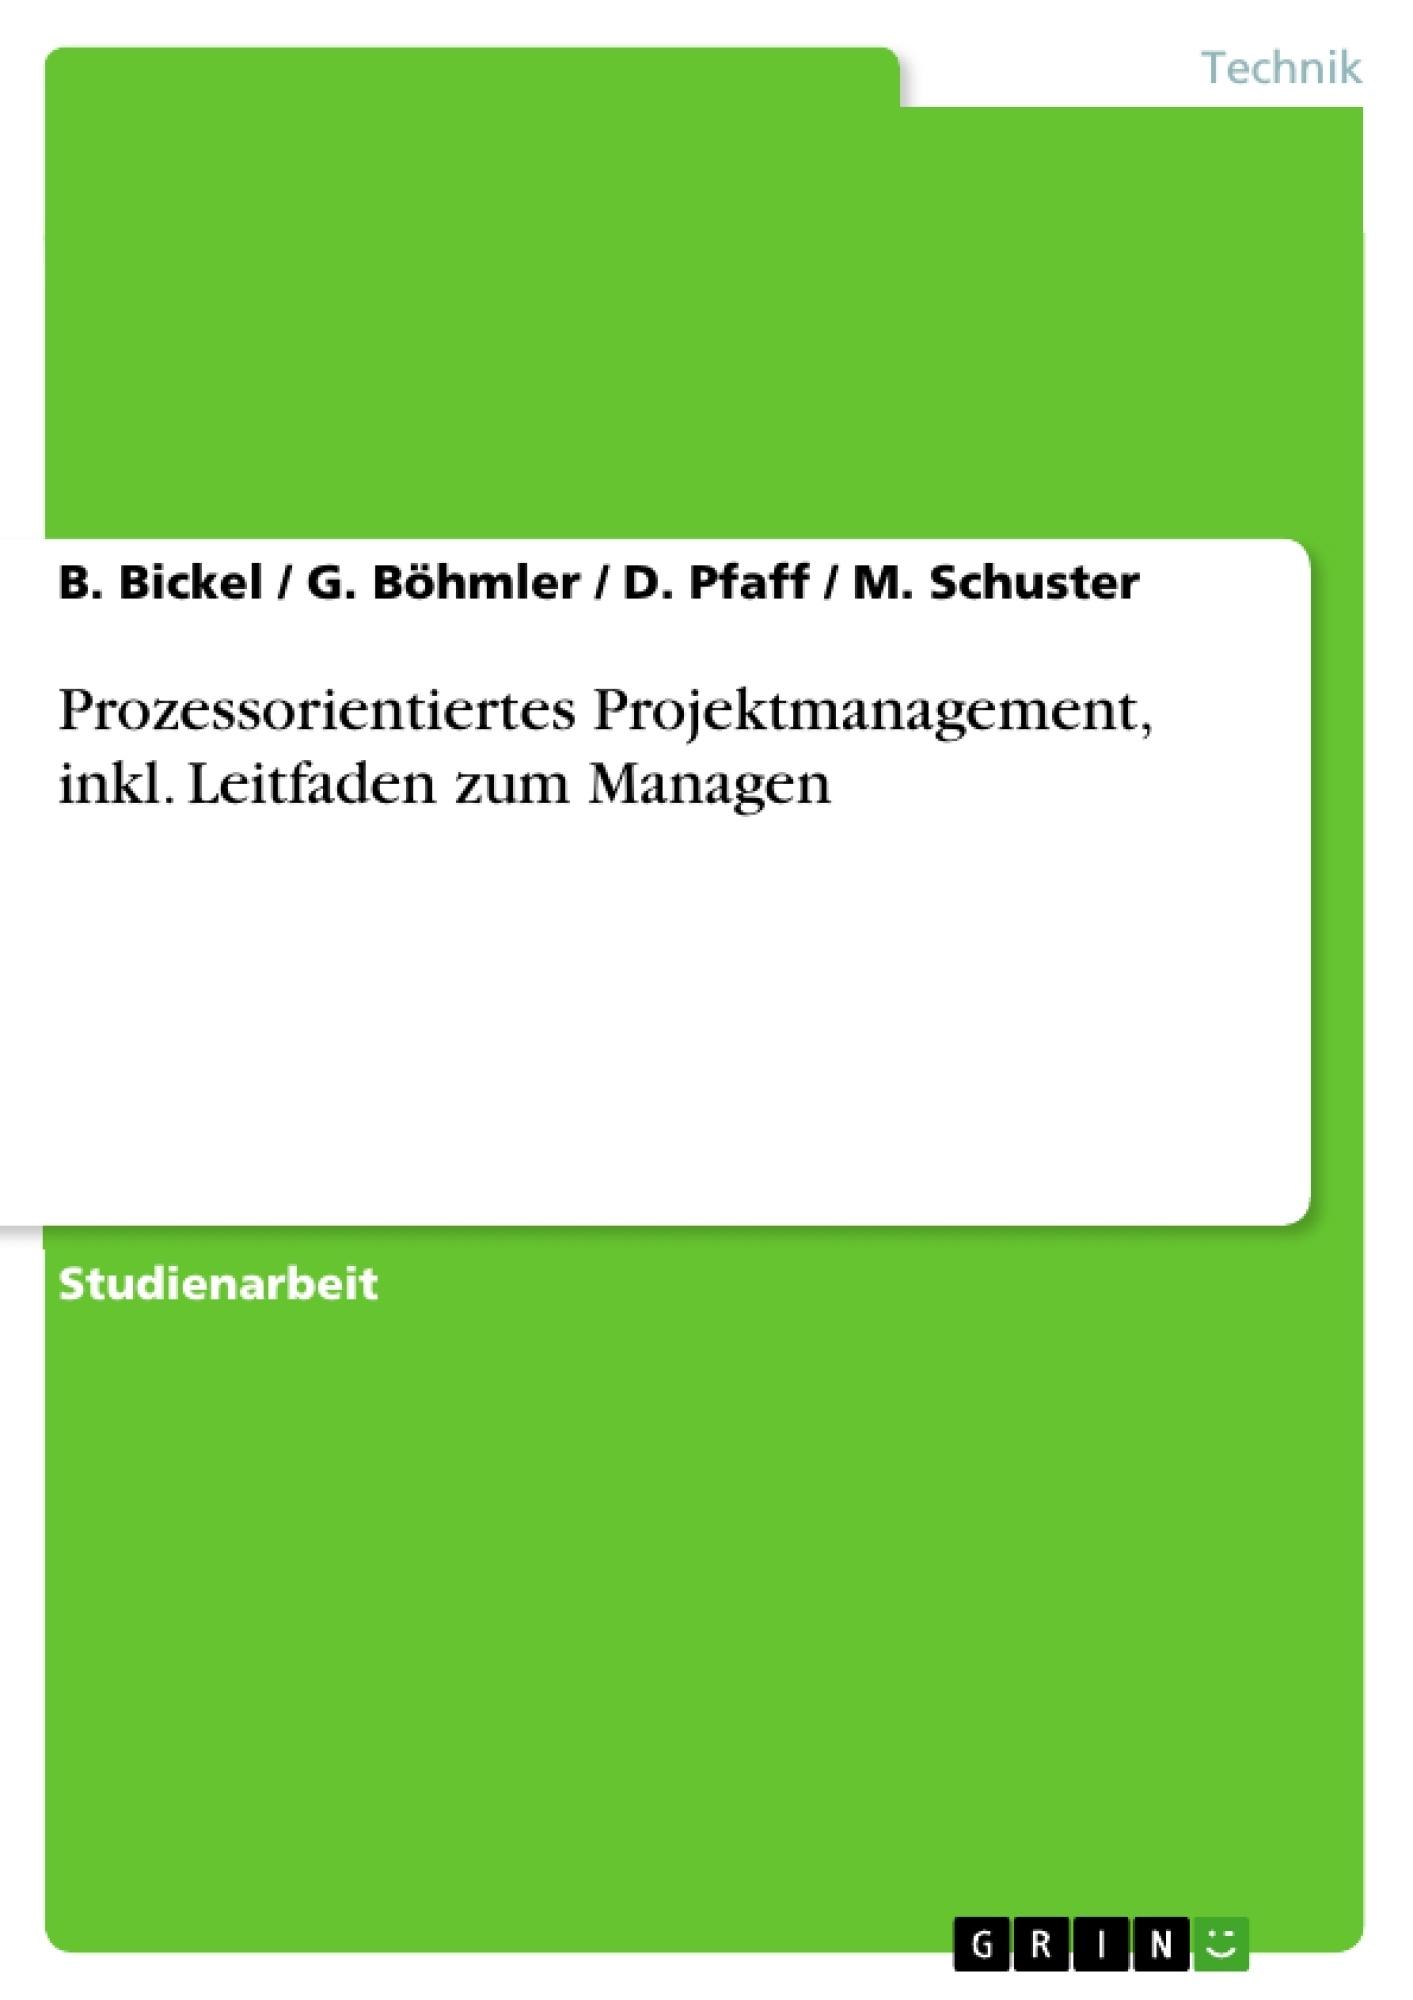 Titel: Prozessorientiertes Projektmanagement, inkl. Leitfaden zum Managen